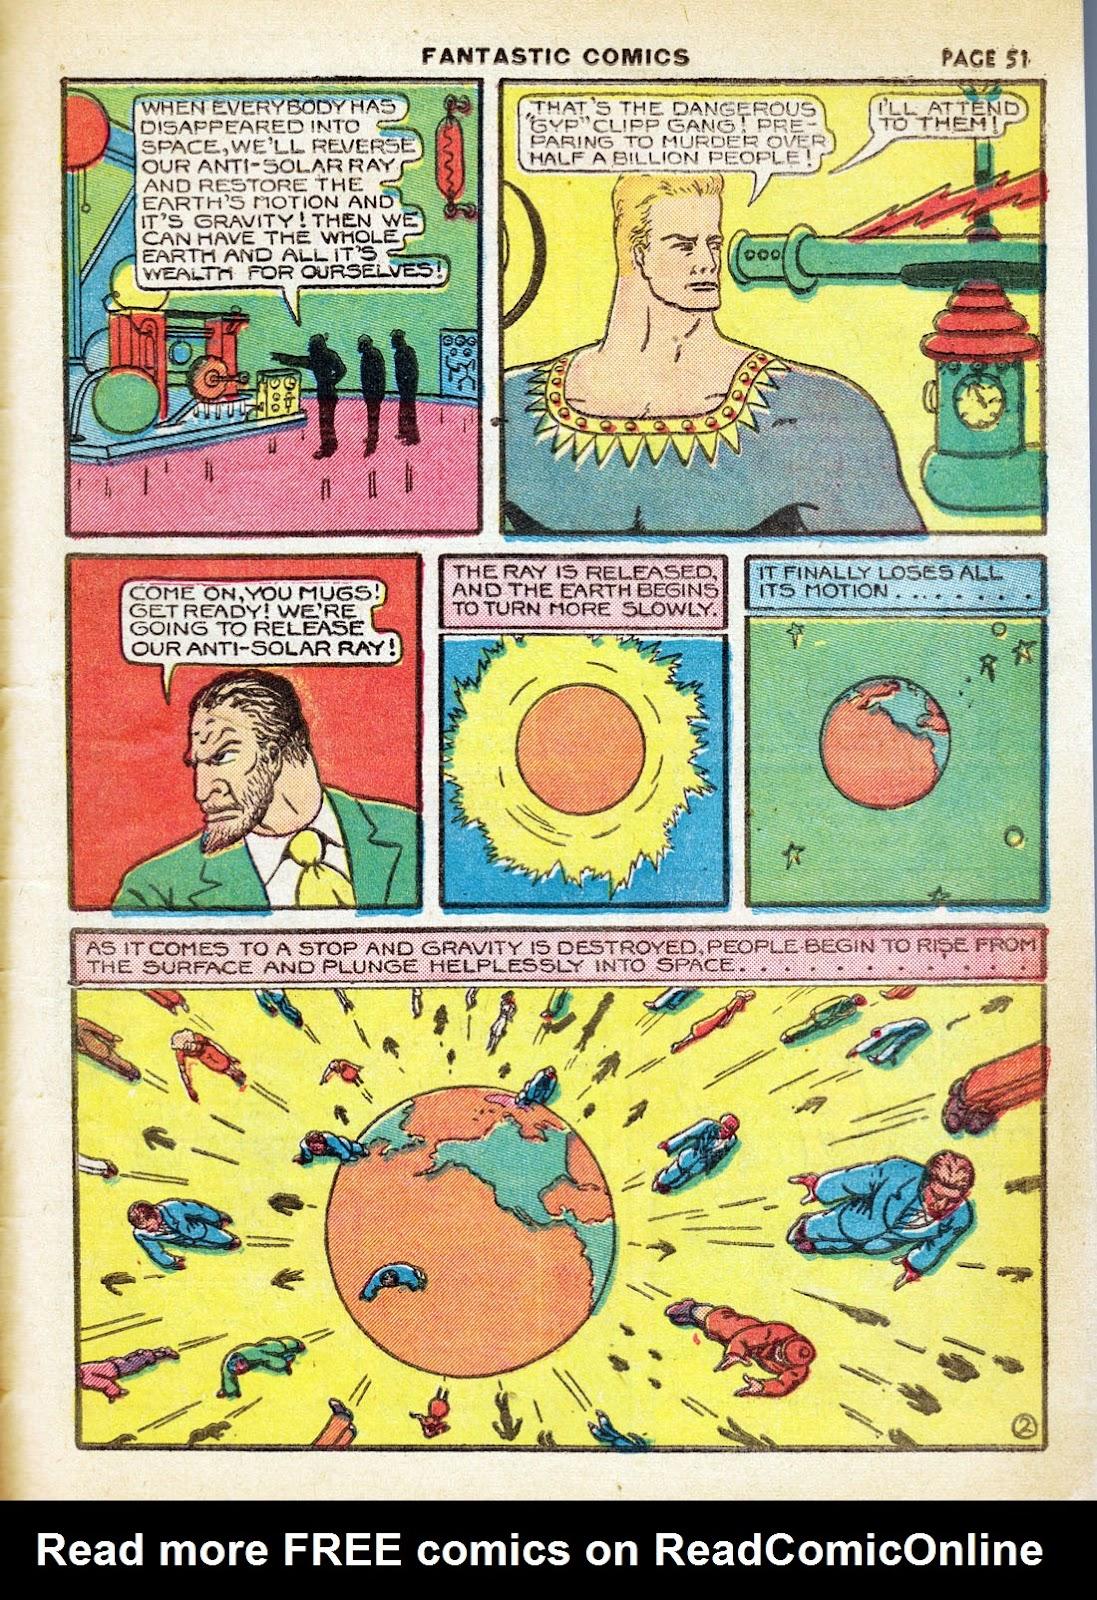 Read online Fantastic Comics comic -  Issue #7 - 53